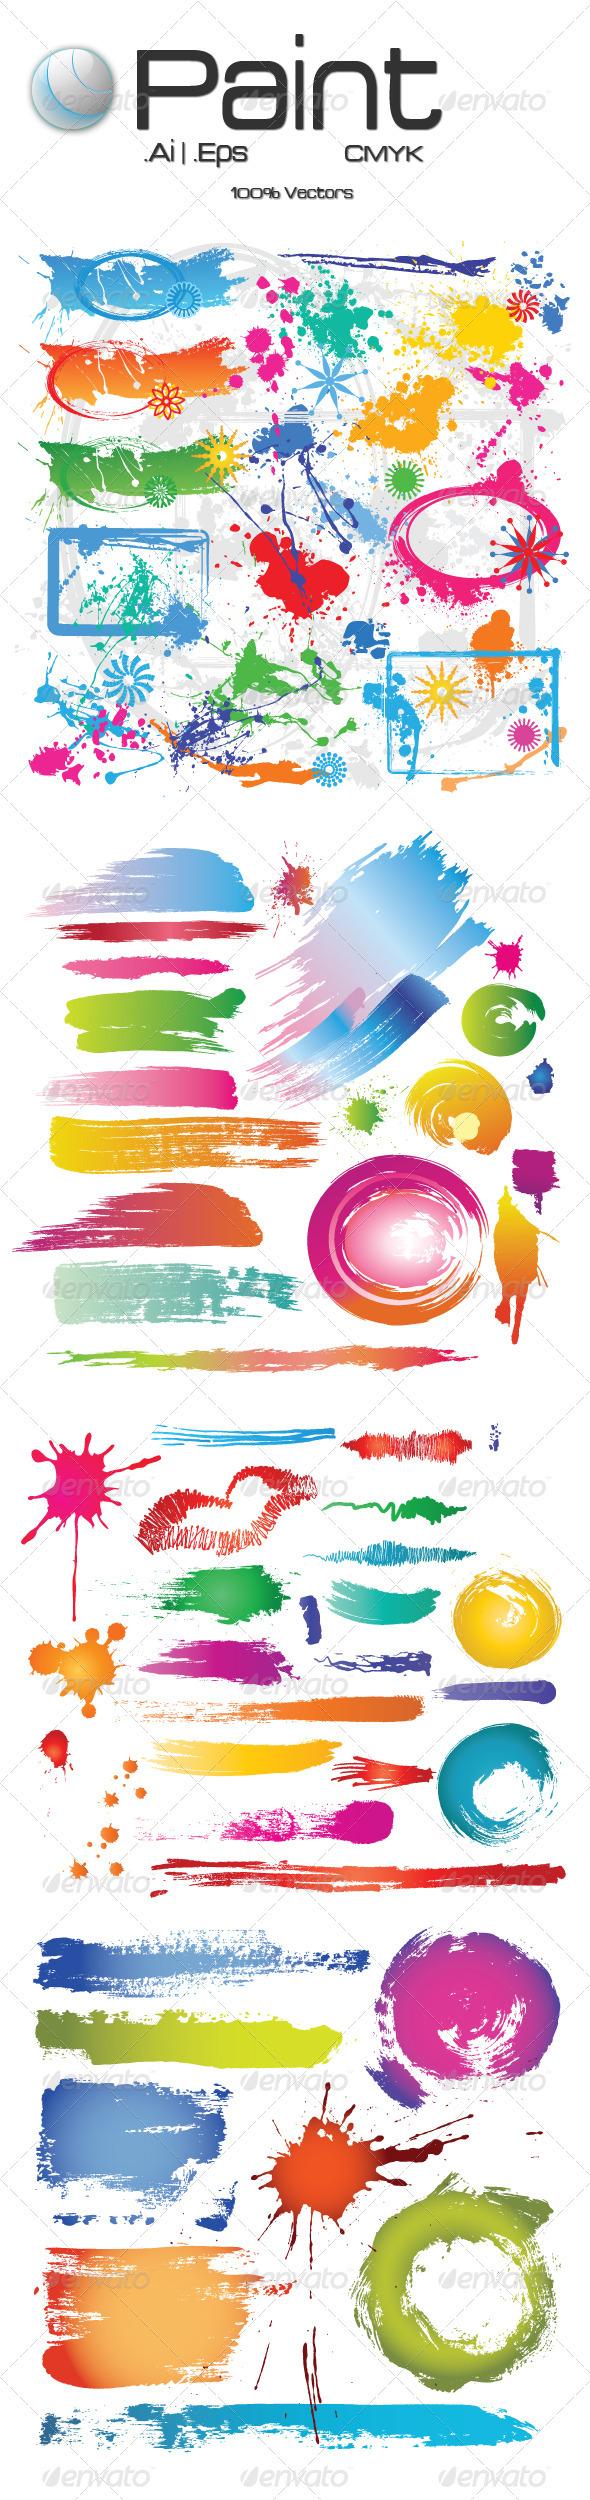 GraphicRiver Paint 2479124